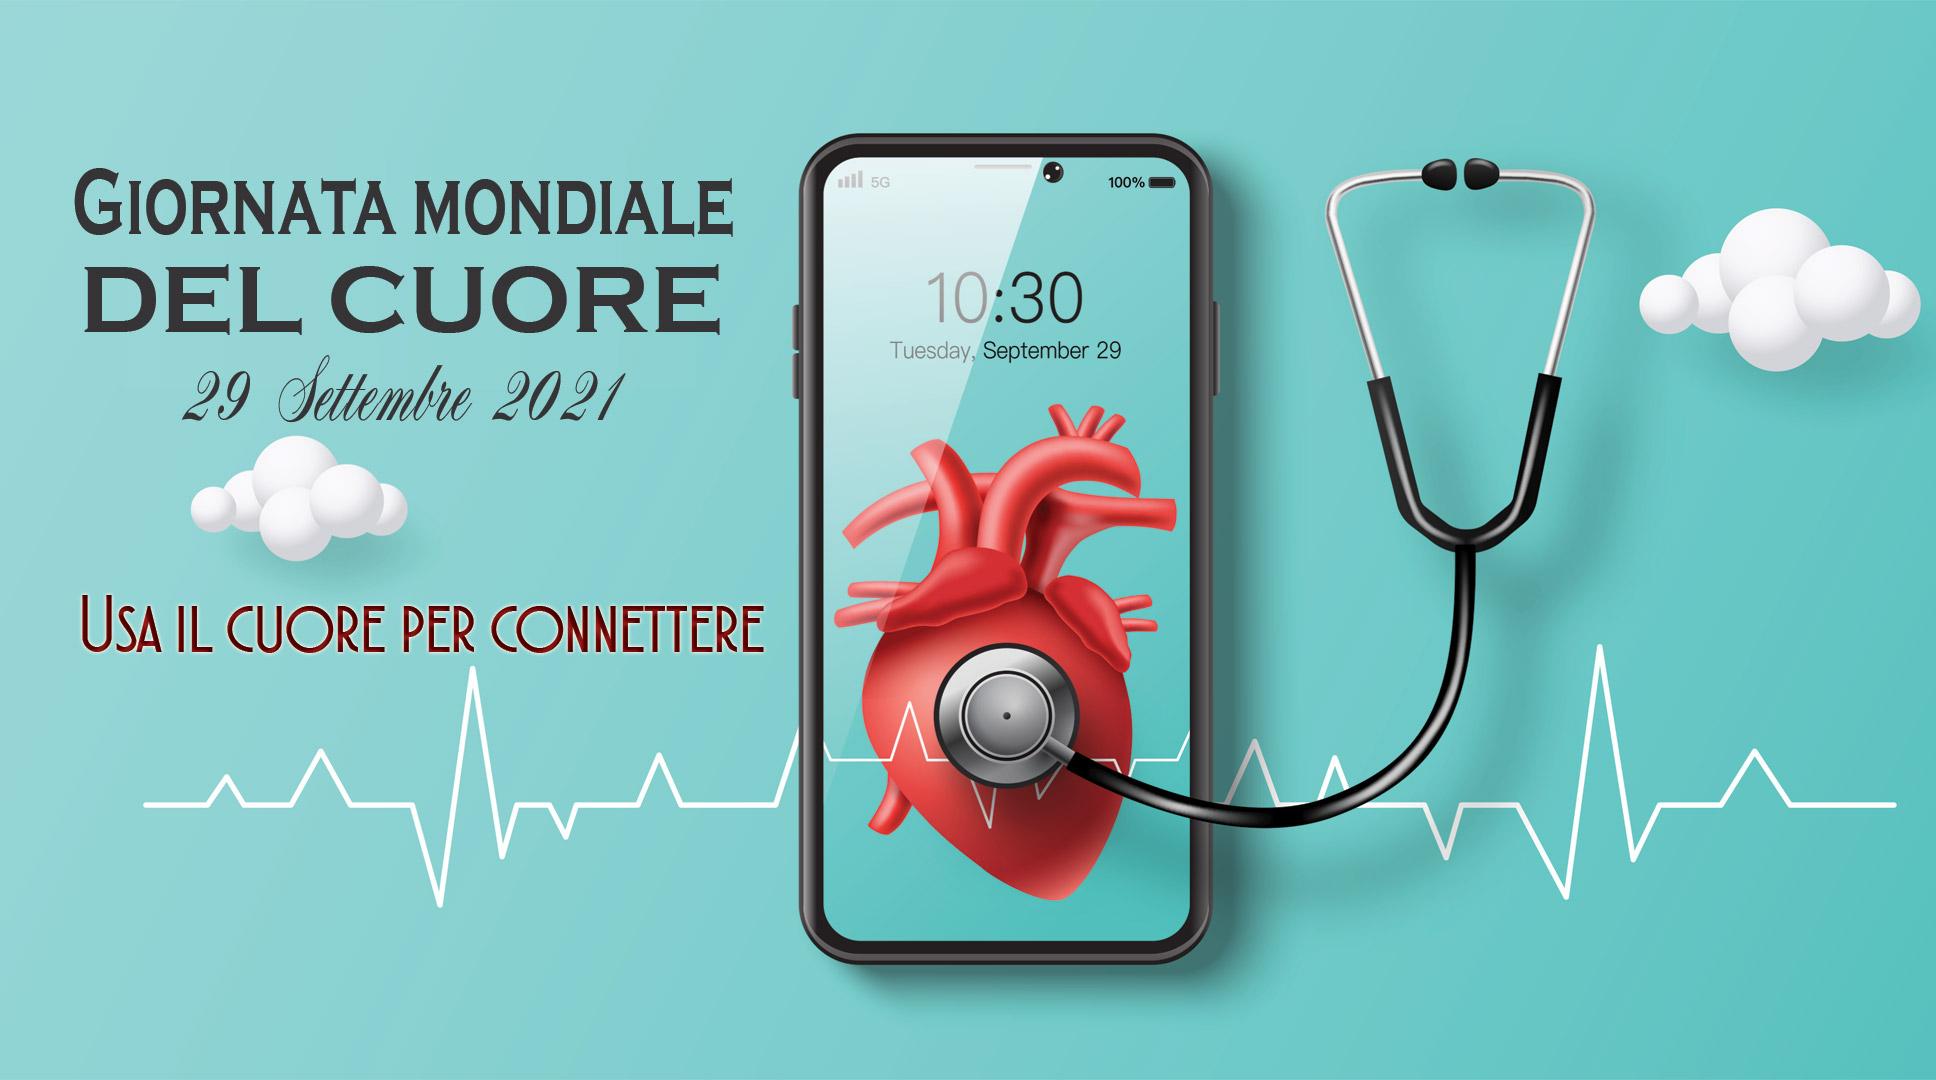 Giornata mondiale del cuore 2021